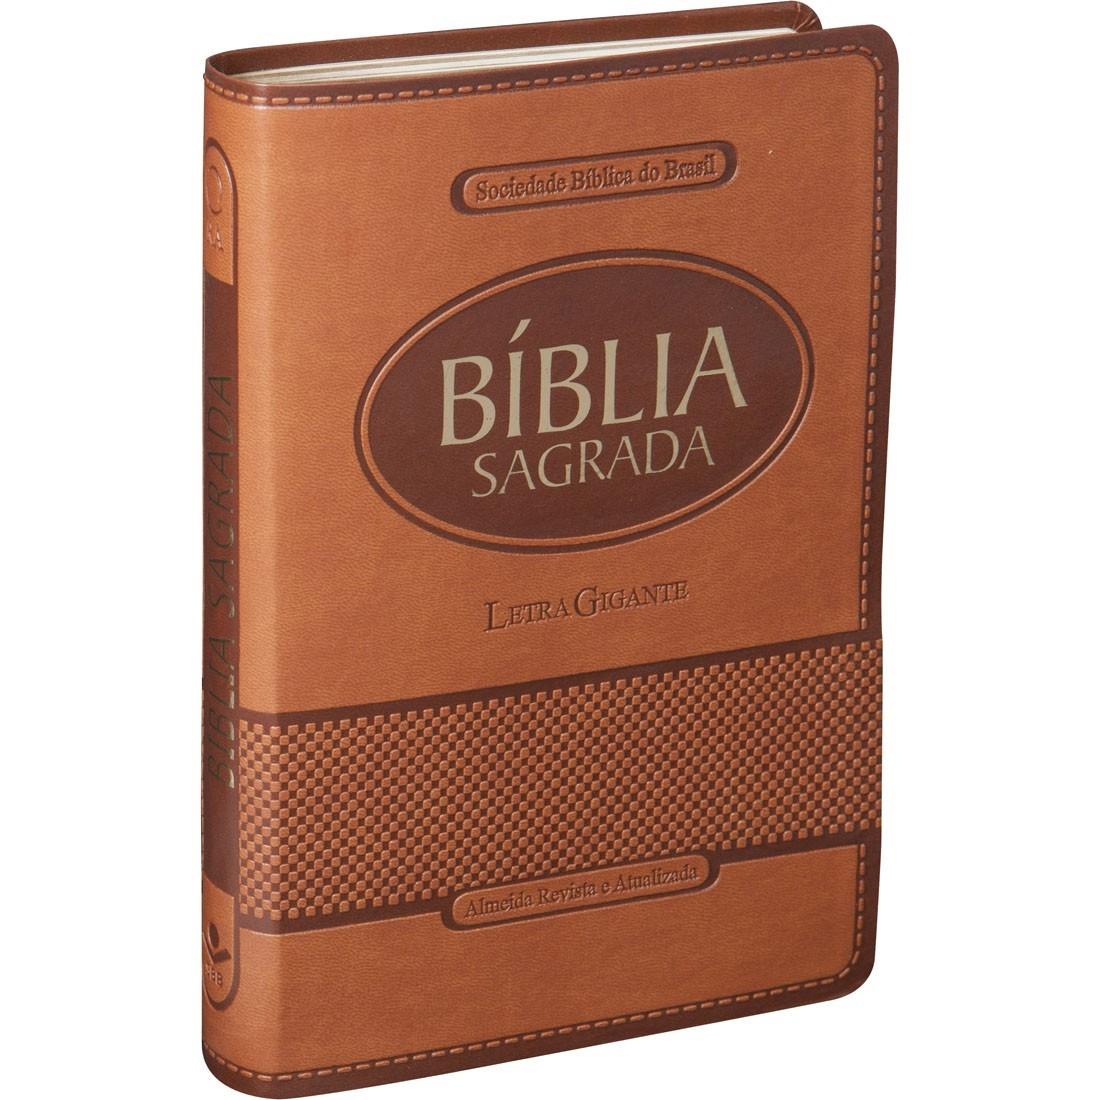 Bíblia Letra Gigante RA com Índice